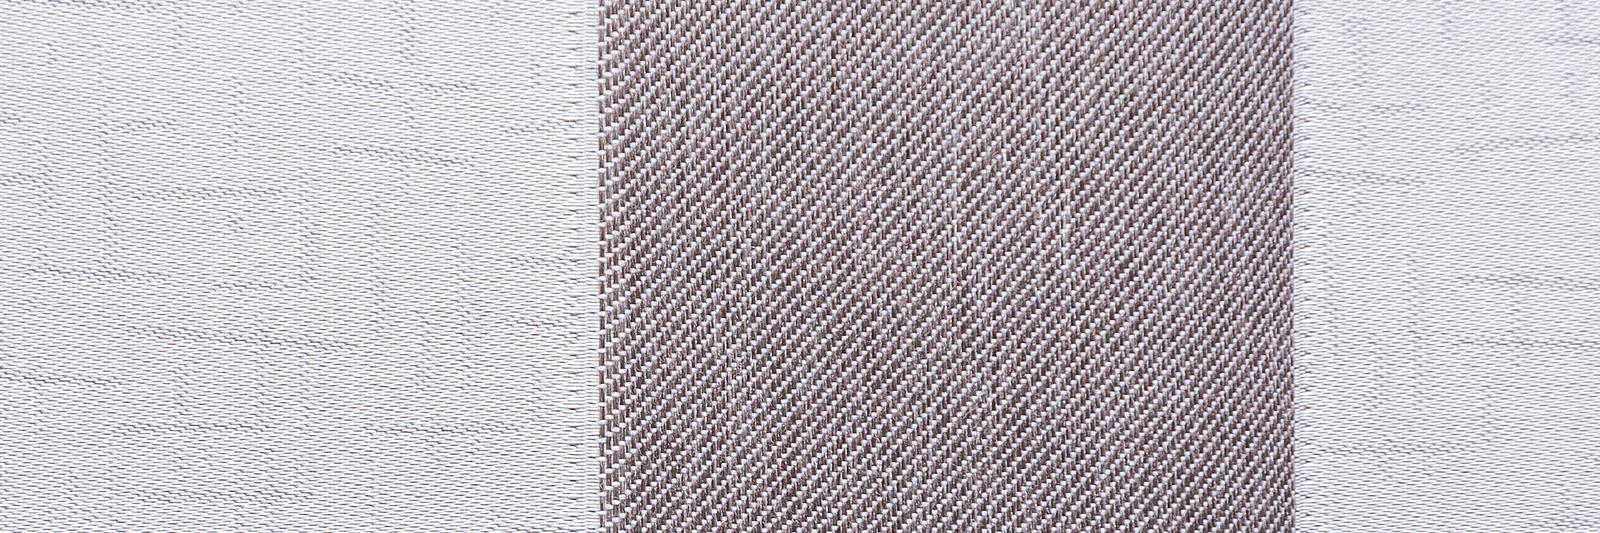 Диван тканевый угловой Рейн Flowery коричневый (Велюр + Экокожа)